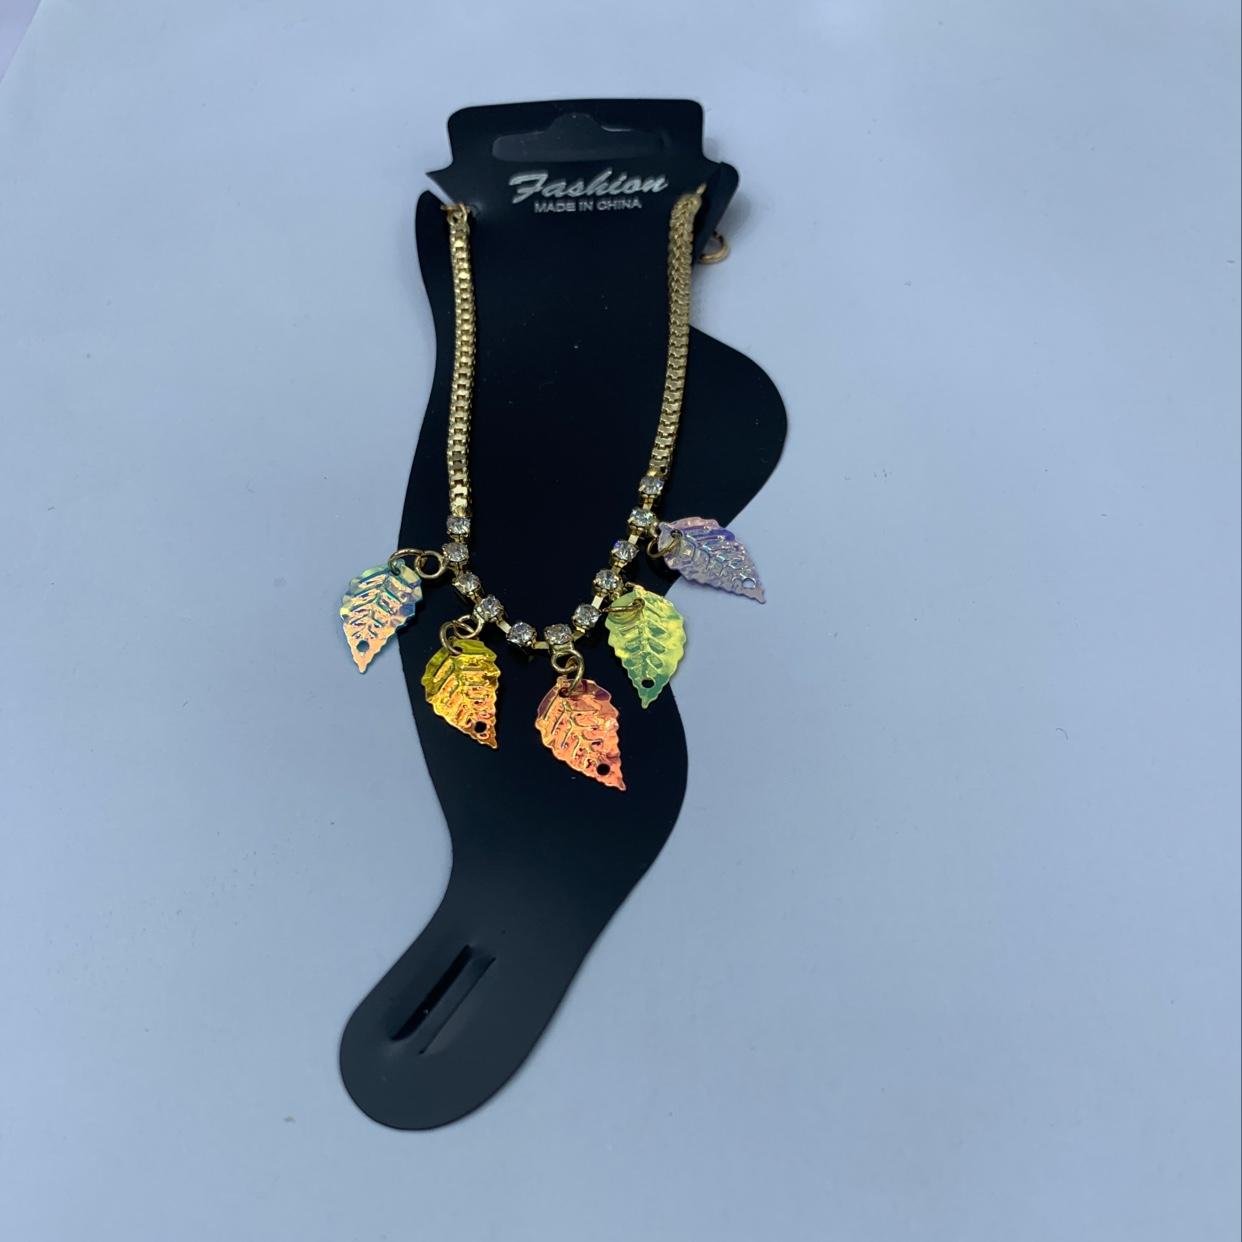 厂家直销烧焊镀金配件脚链—幻彩树叶